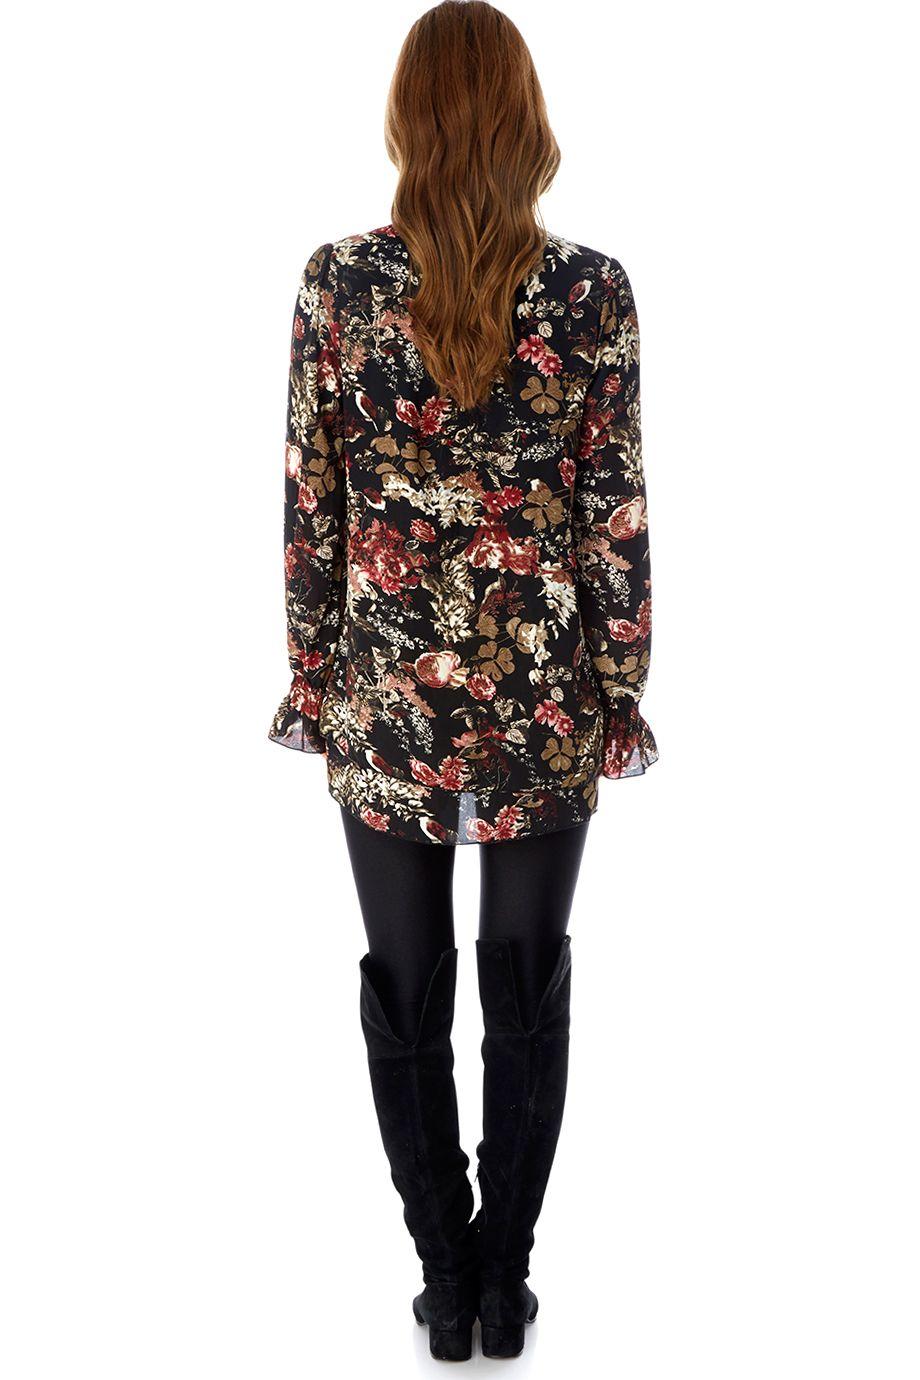 Μπλουζα floral στυλ 70's boheme σε λεπτό ύφασμα, μακρια μανικια με λεπτομέρια στο τελειωμα | Mela ♥︎ London | Phillyshop.gr